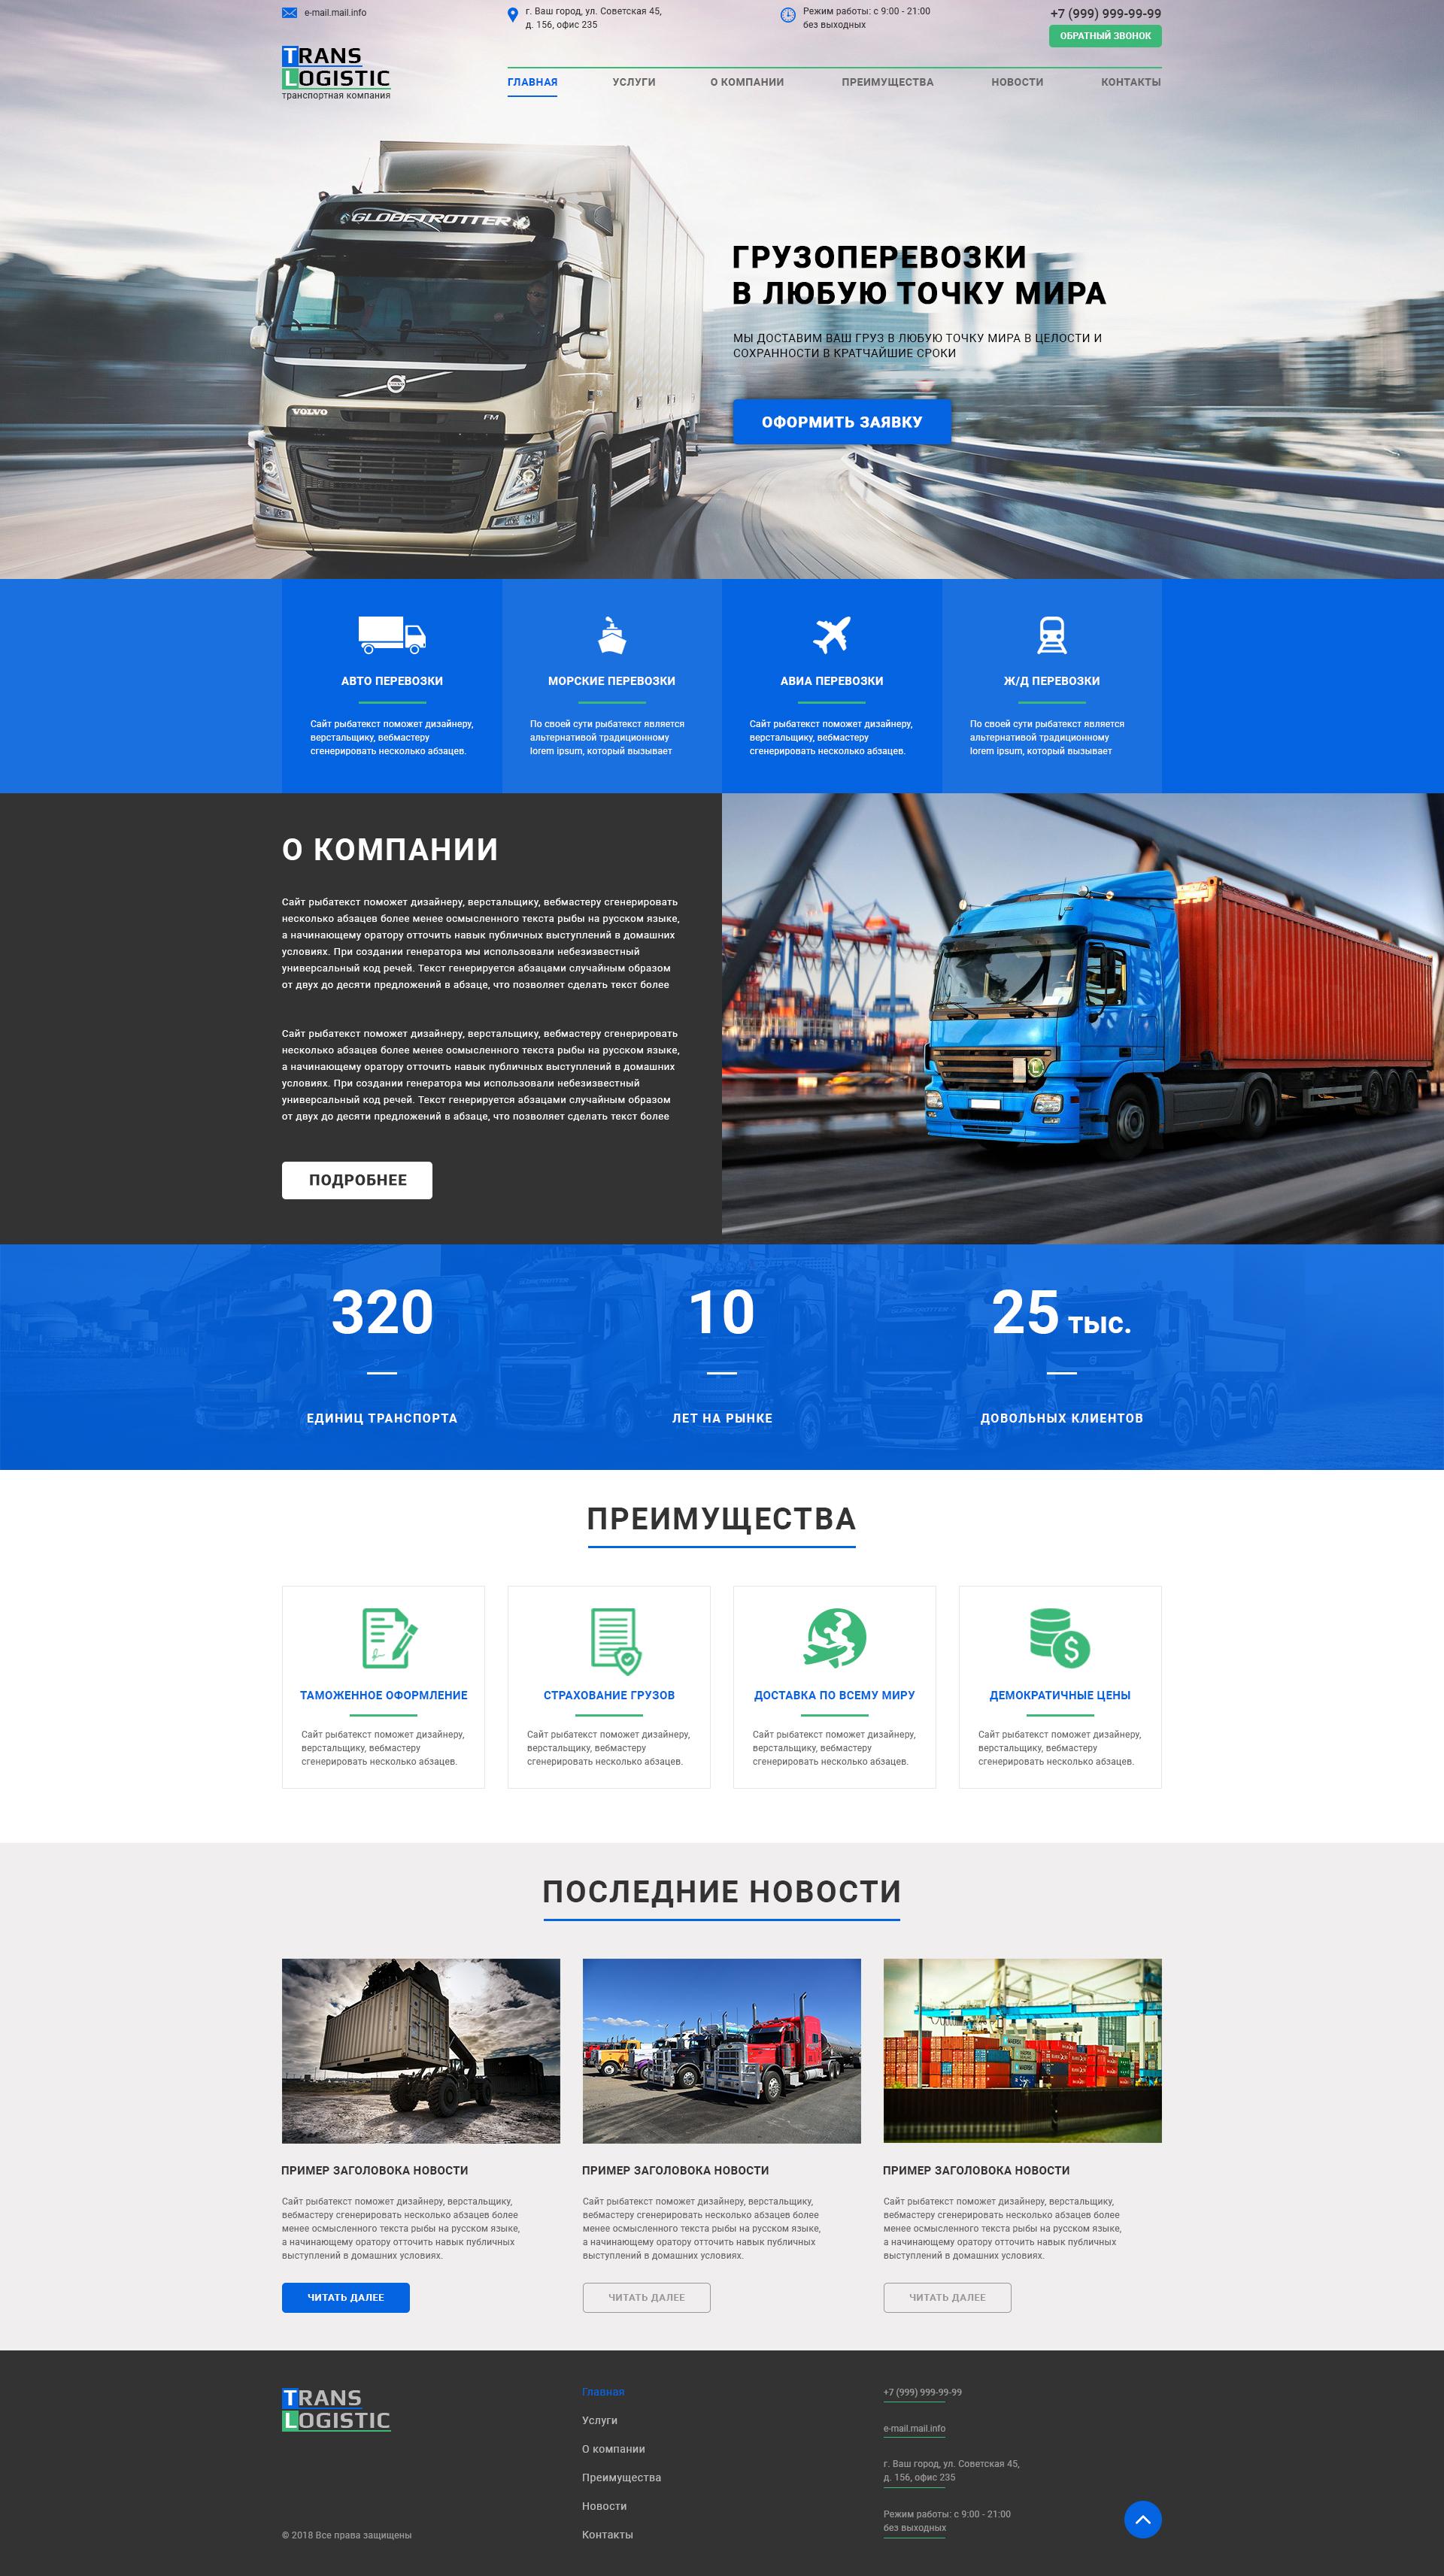 строительная компания дм официальный сайт